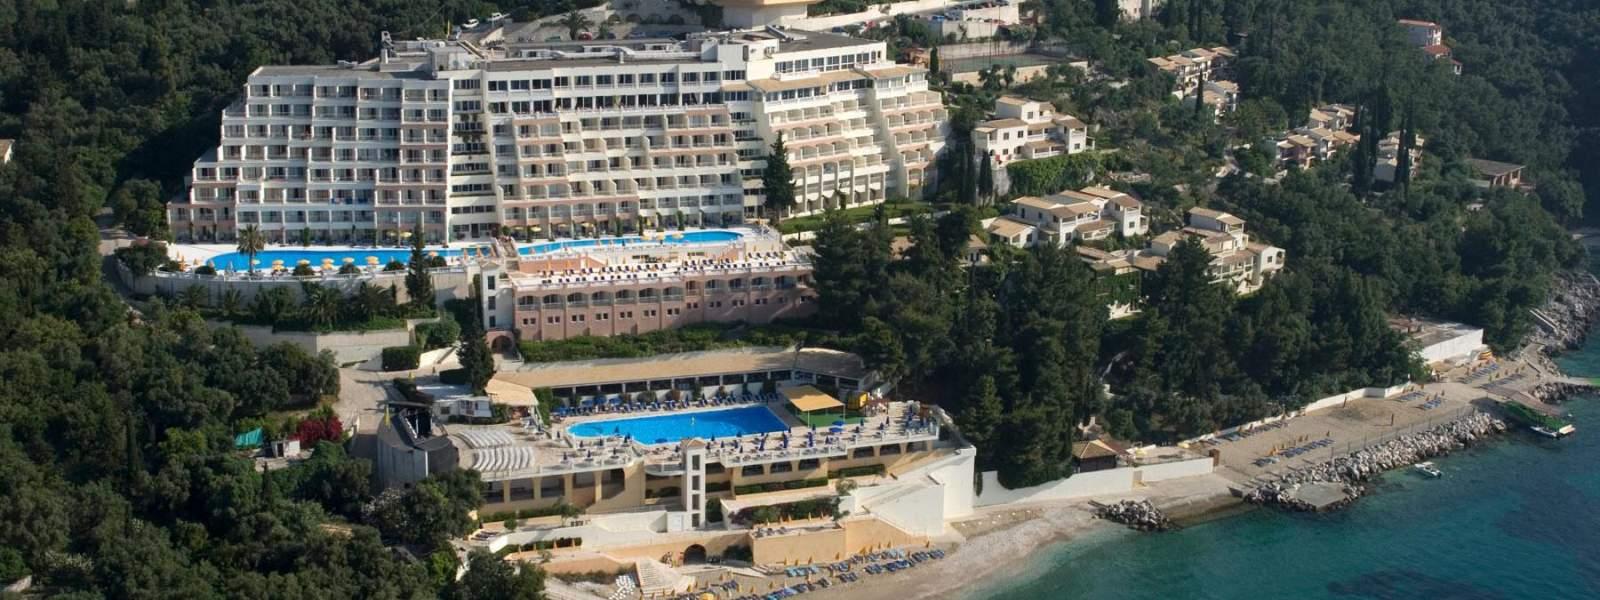 Διακοπές στο ξενοδοχείο Sunshine Corfu Hotel & Spa 4* στην